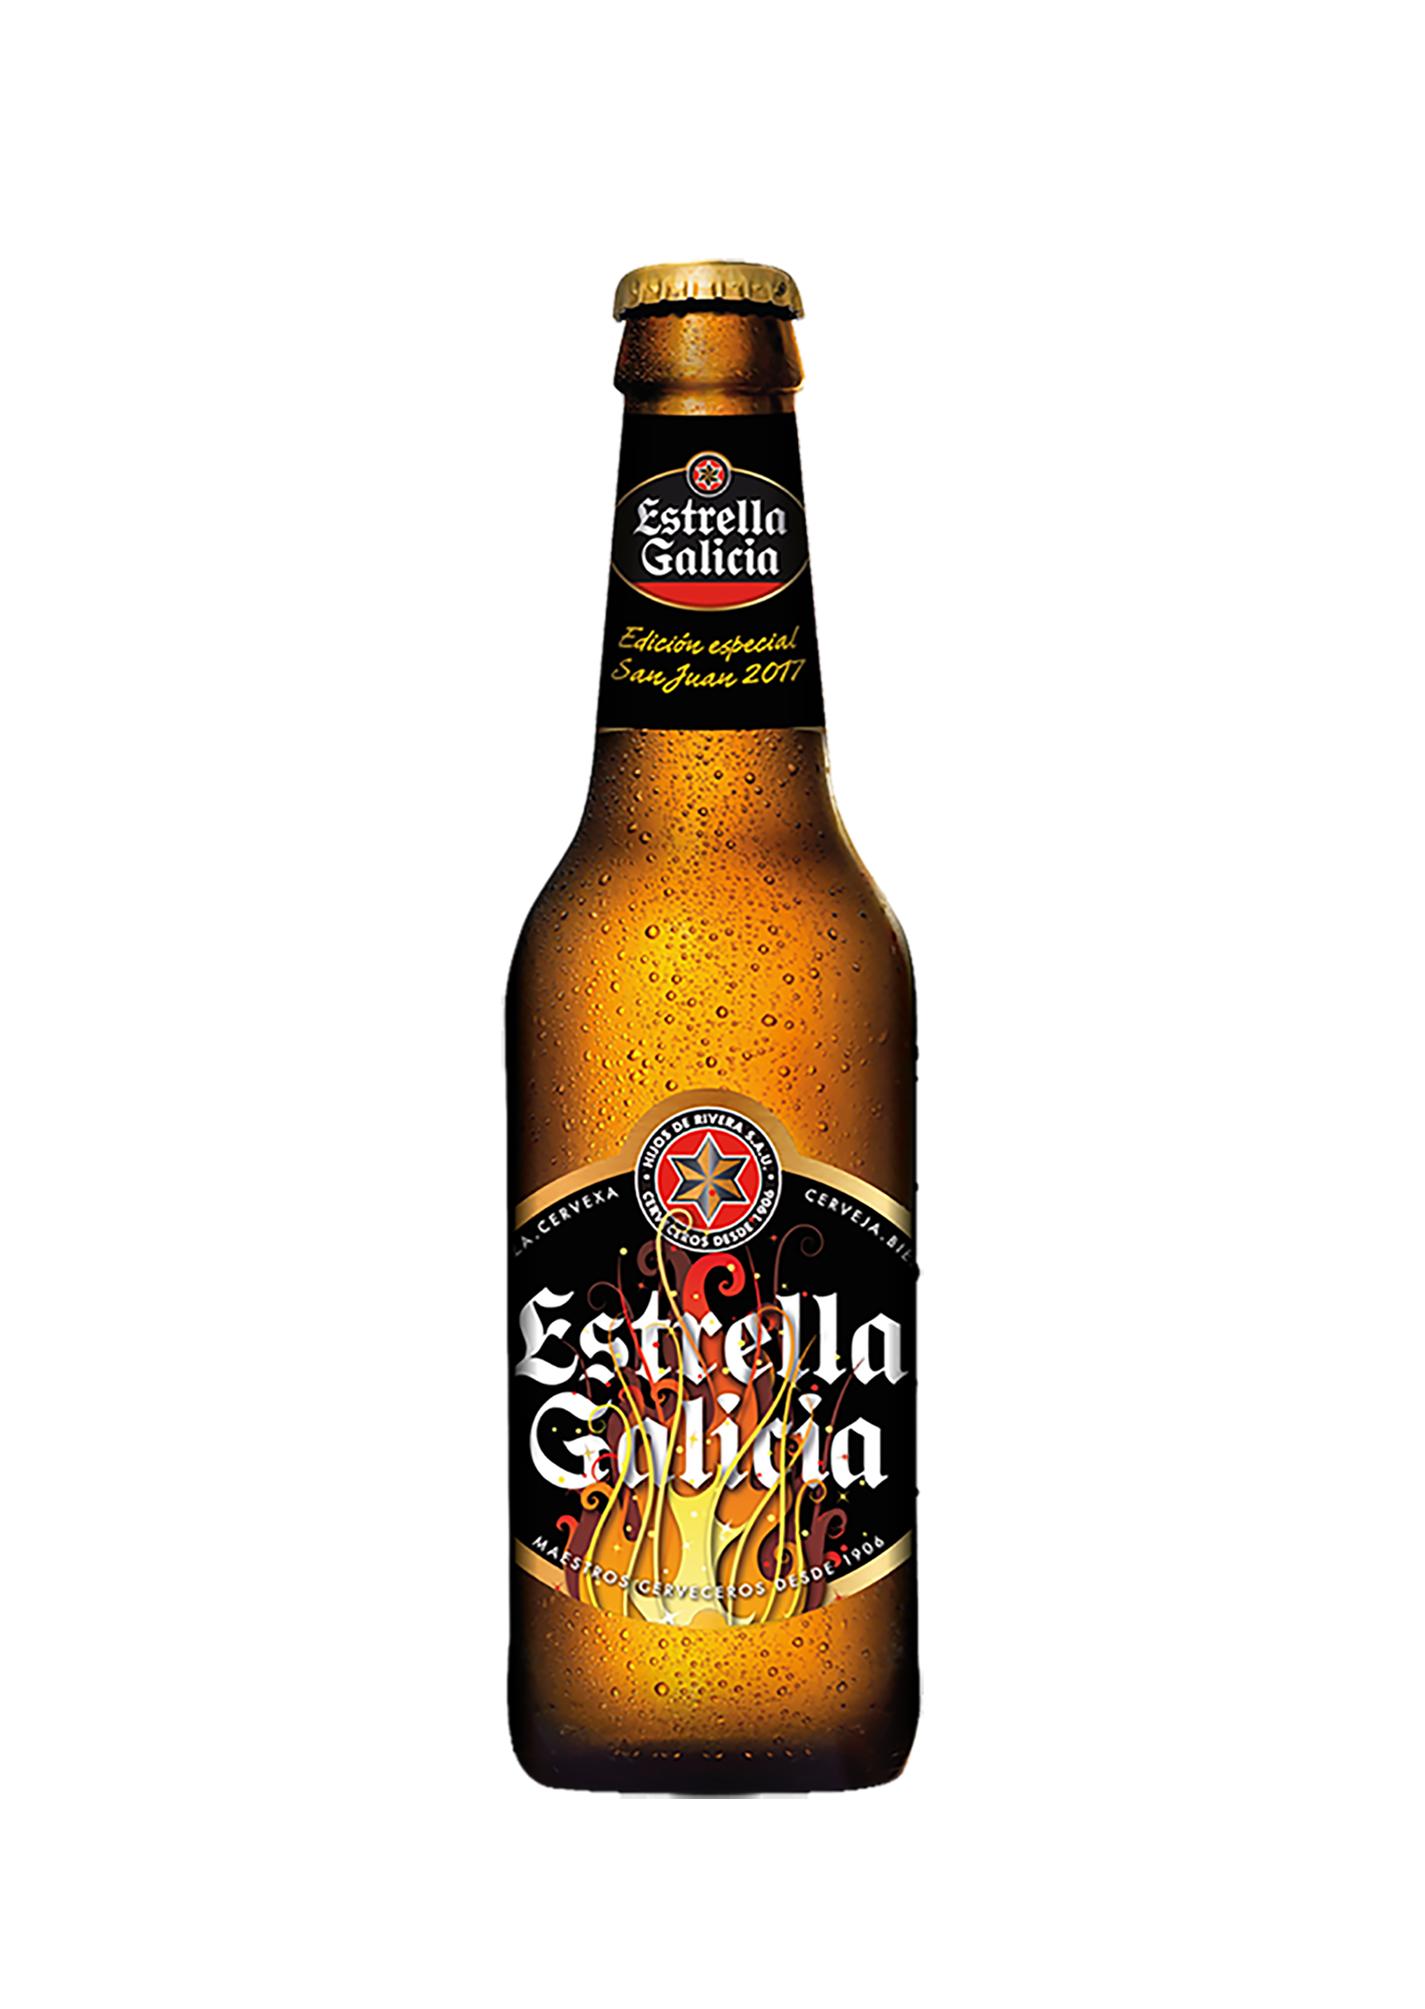 Estrella Galicia lanza una edición especial para celebrar la noche de San Juan